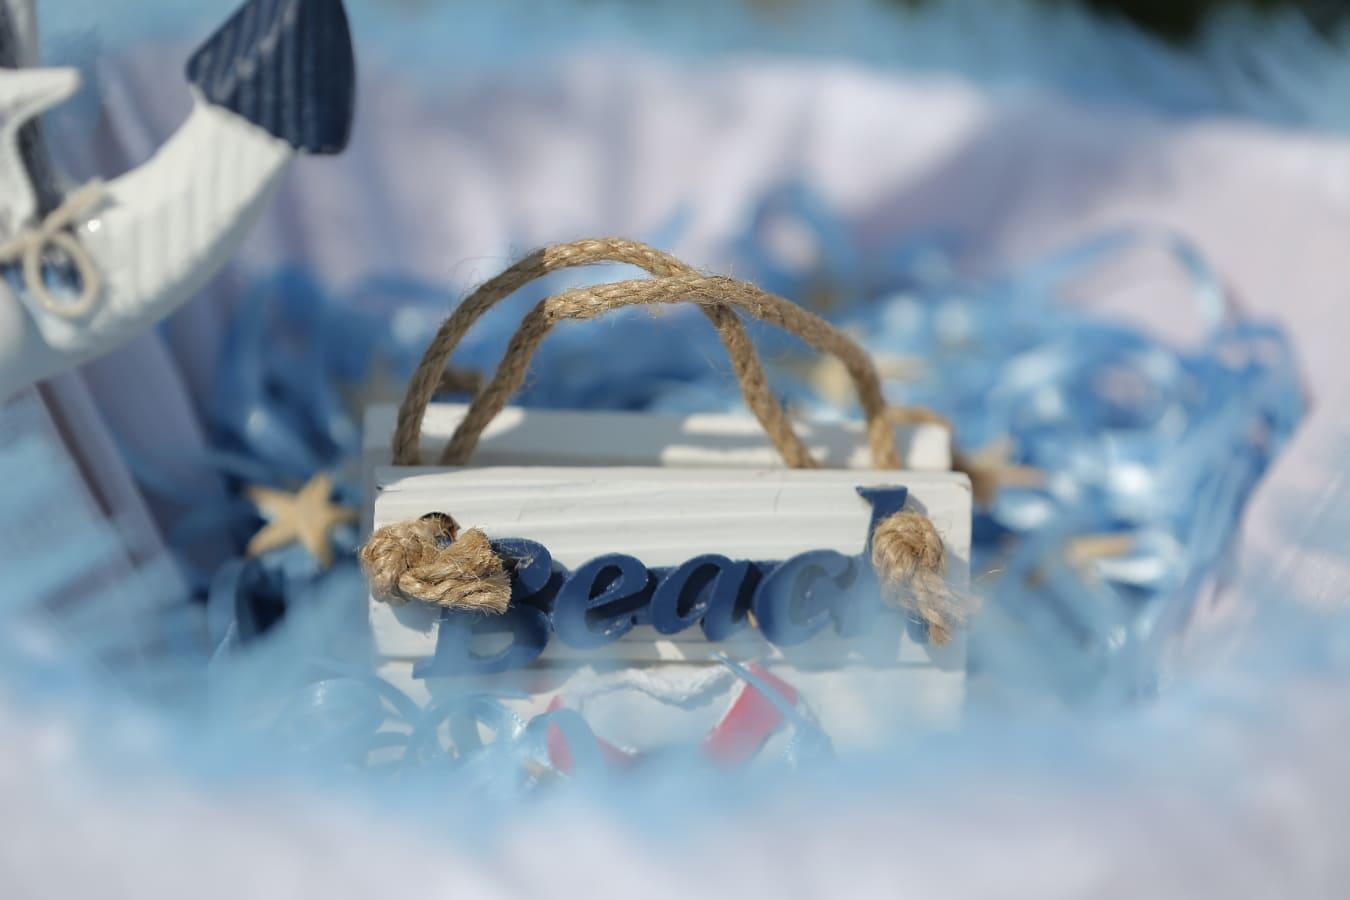 Strand, handgefertigte, Text, aus nächster Nähe, Design, Still-Leben, romantische, Objekt, hell, verwischen